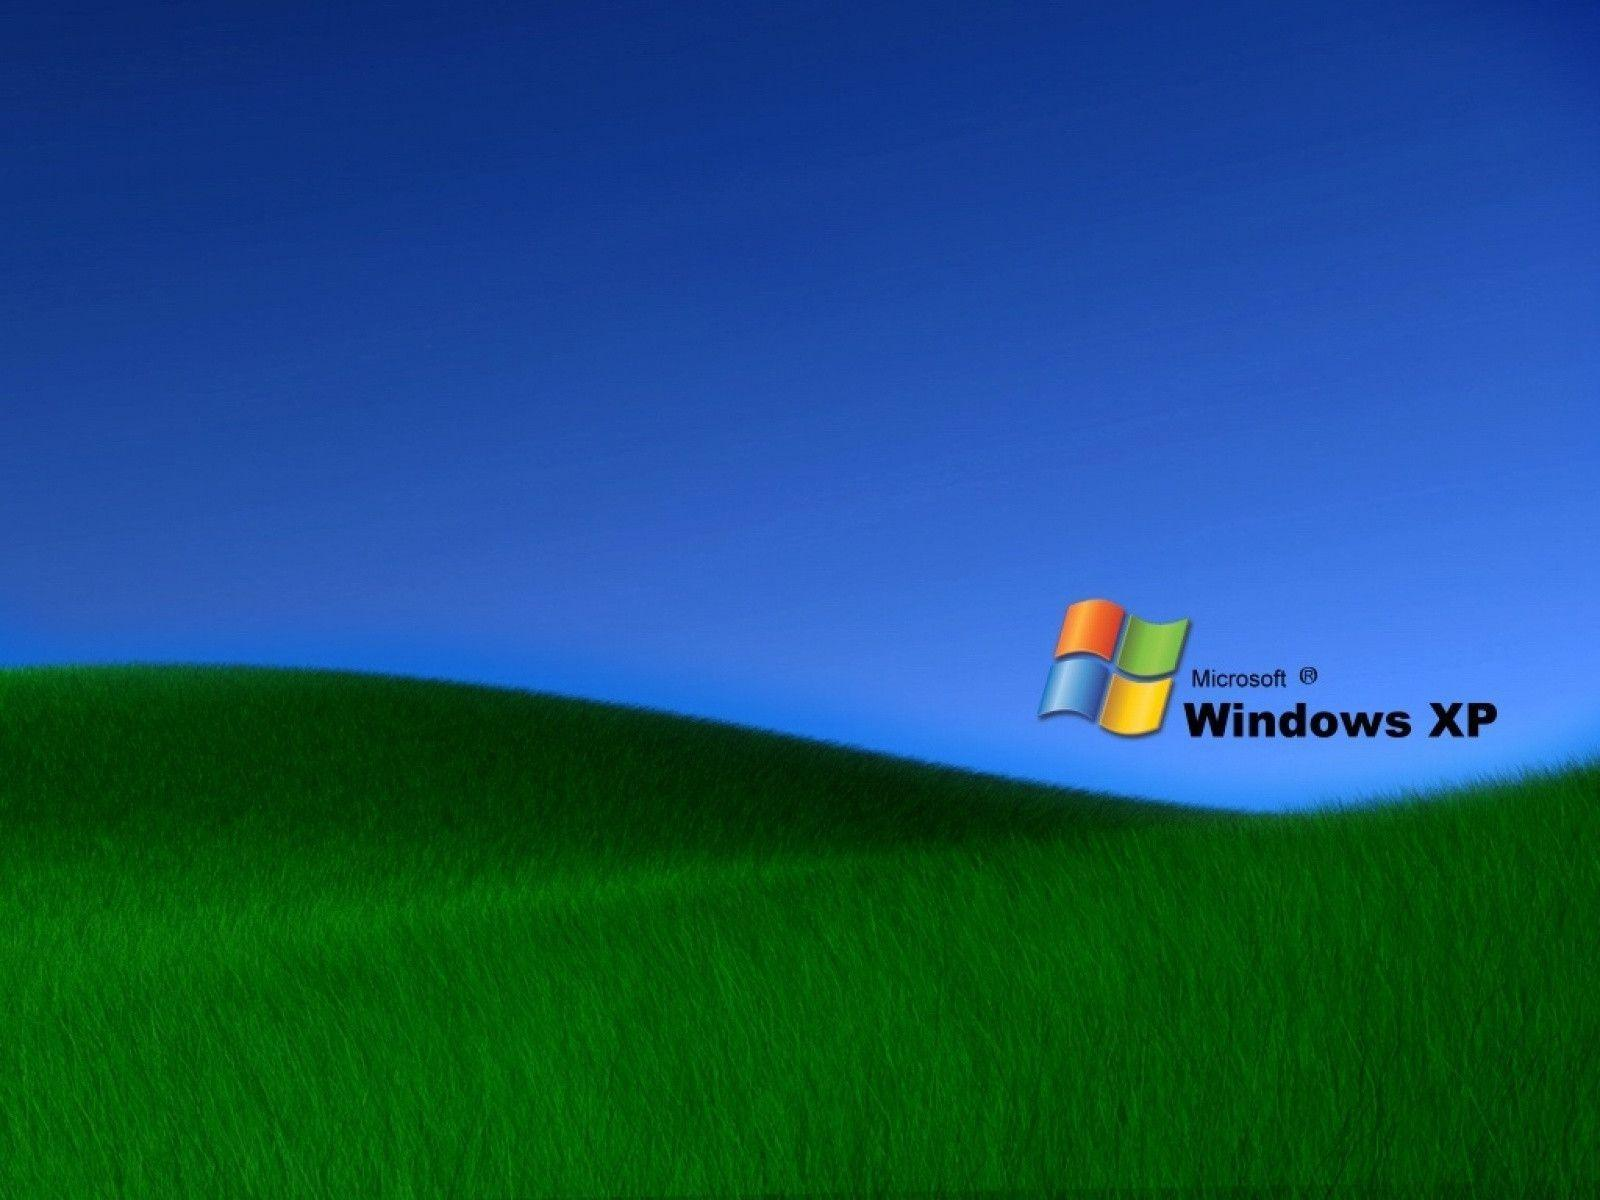 Программа обои для рабочего стола windows 10 скачать бесплатно